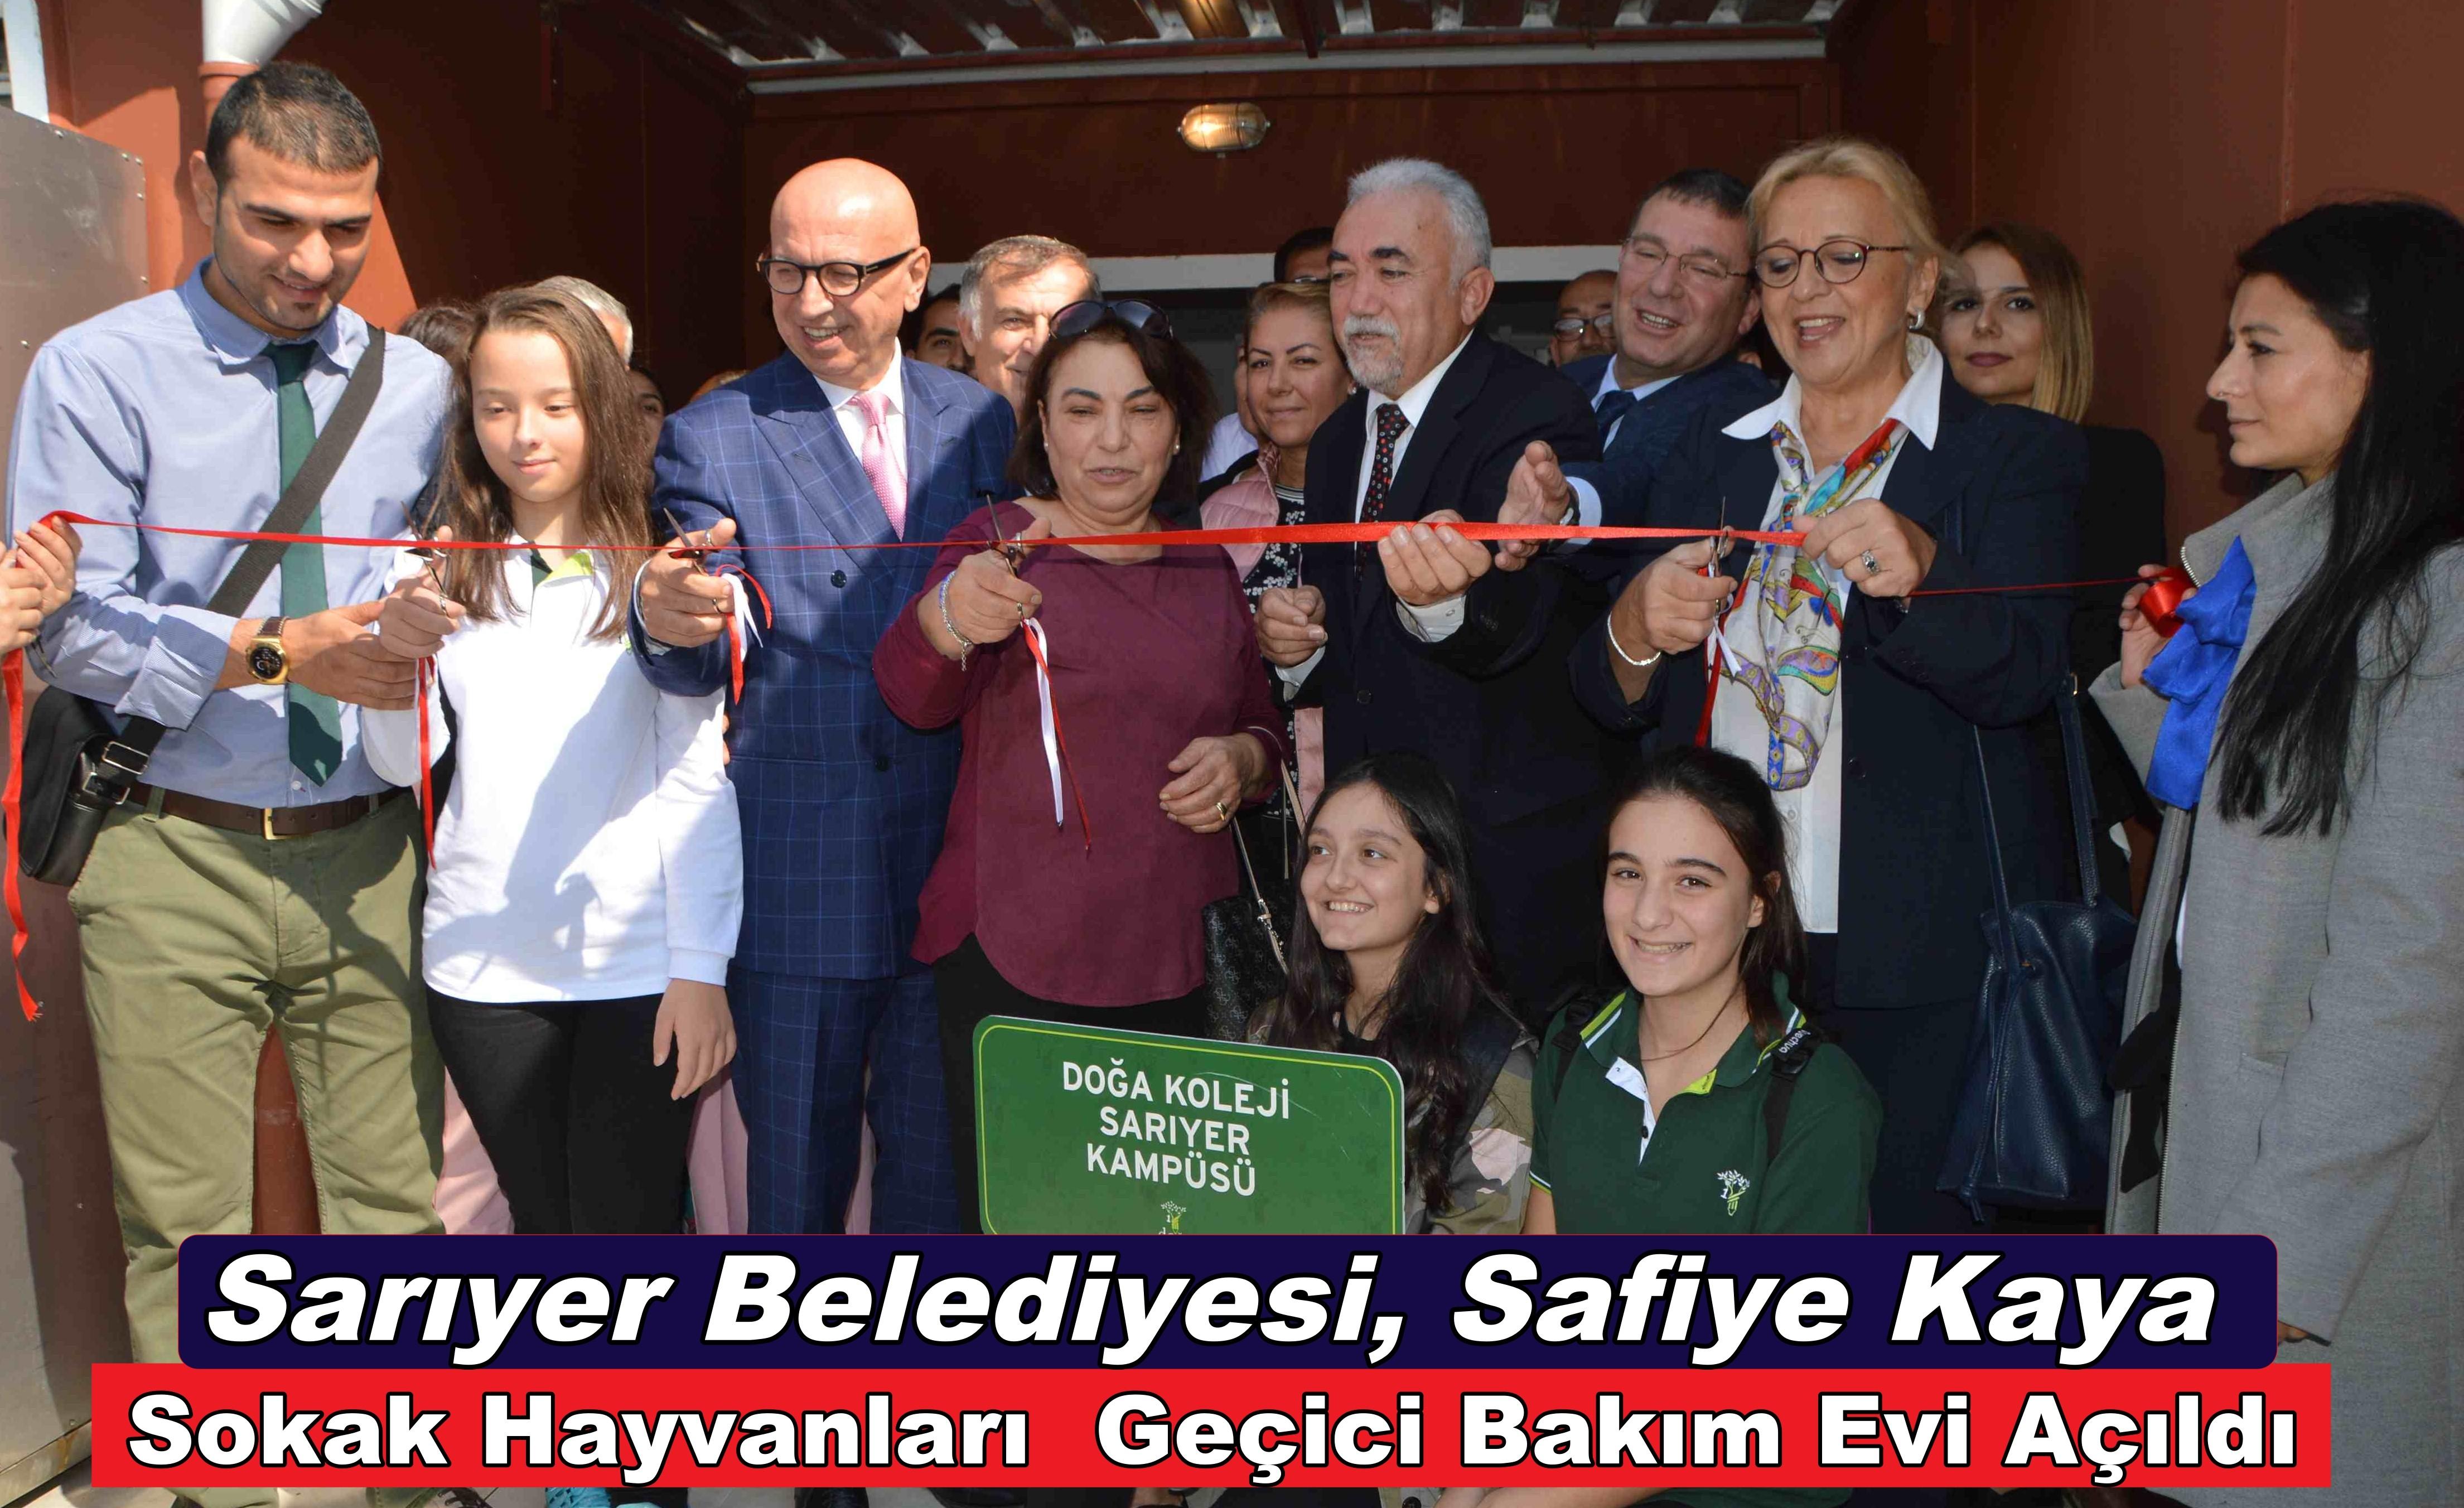 Sarıyer Belediyesi Safiye Kaya Sokak Hayvanları Geçici Bakım Evi Açıldı